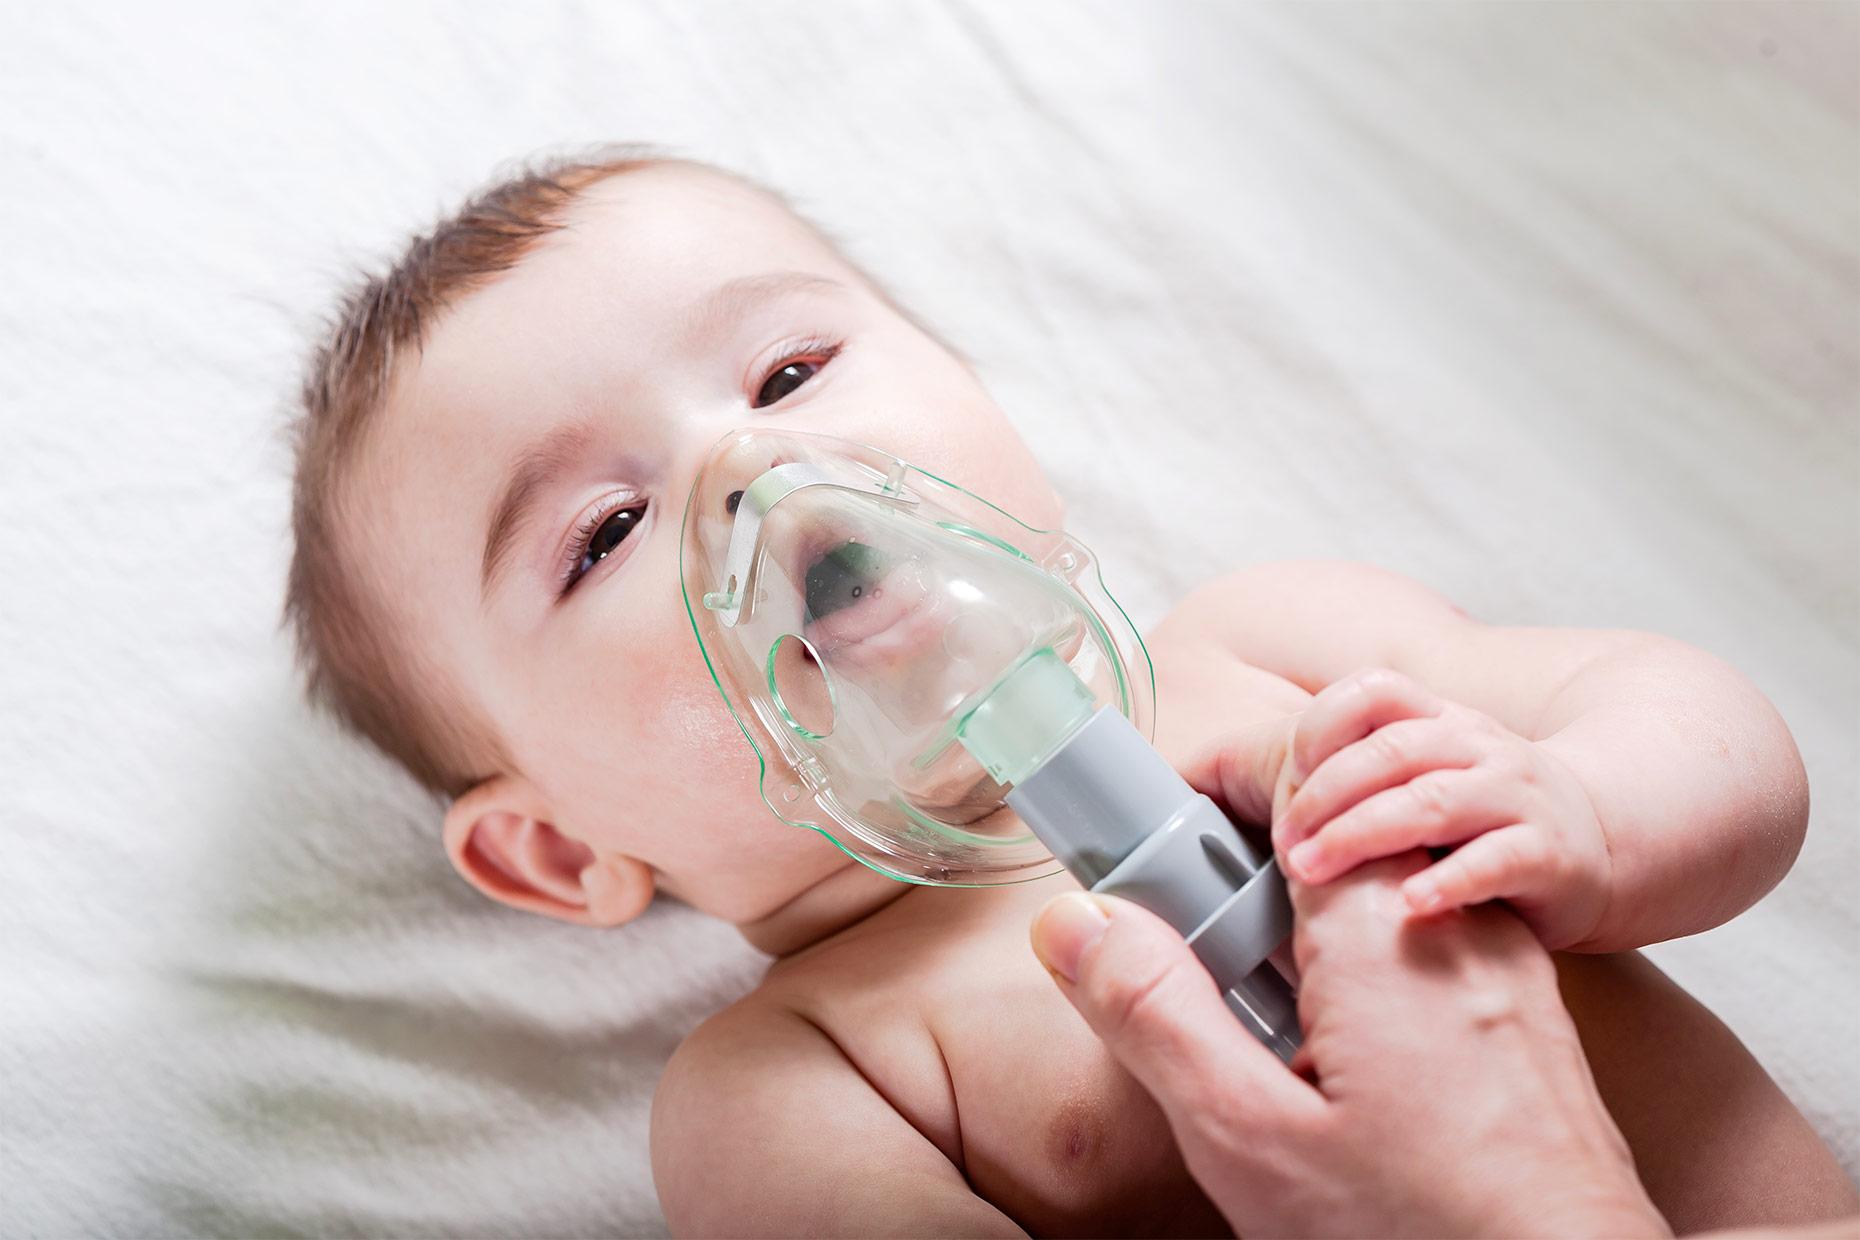 neonato utilizza mascherina per aerosol